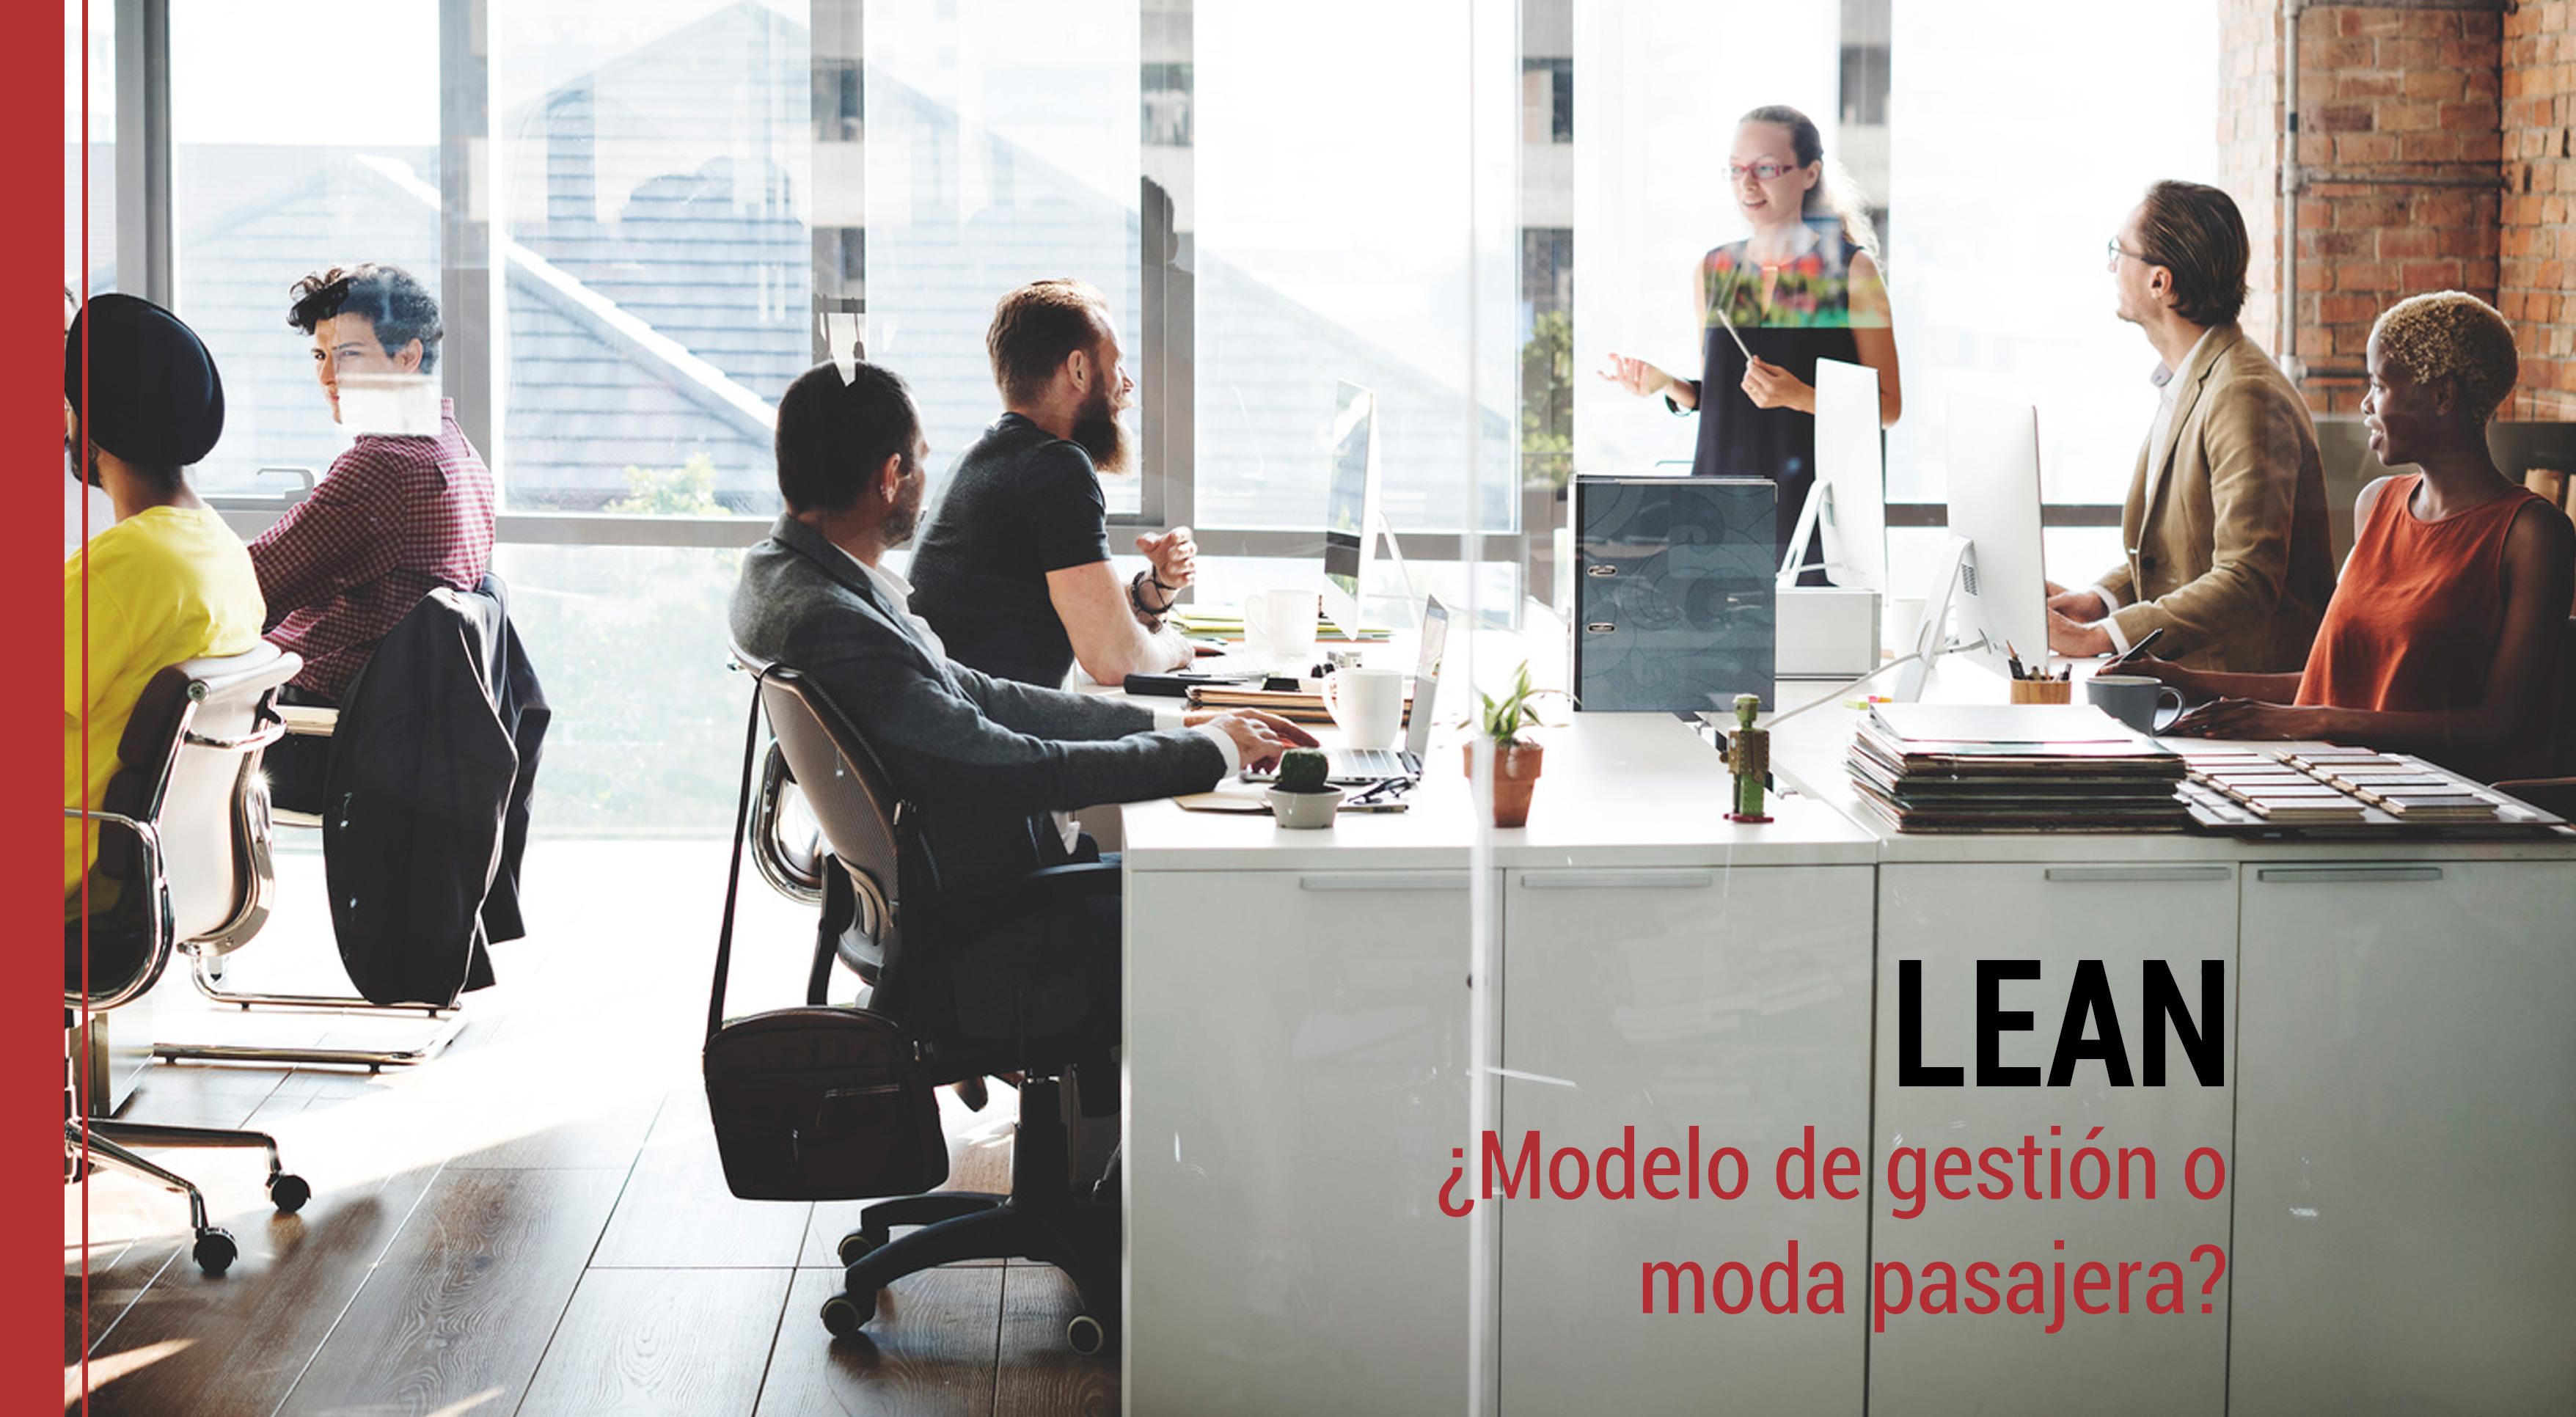 lean modelo de gestion